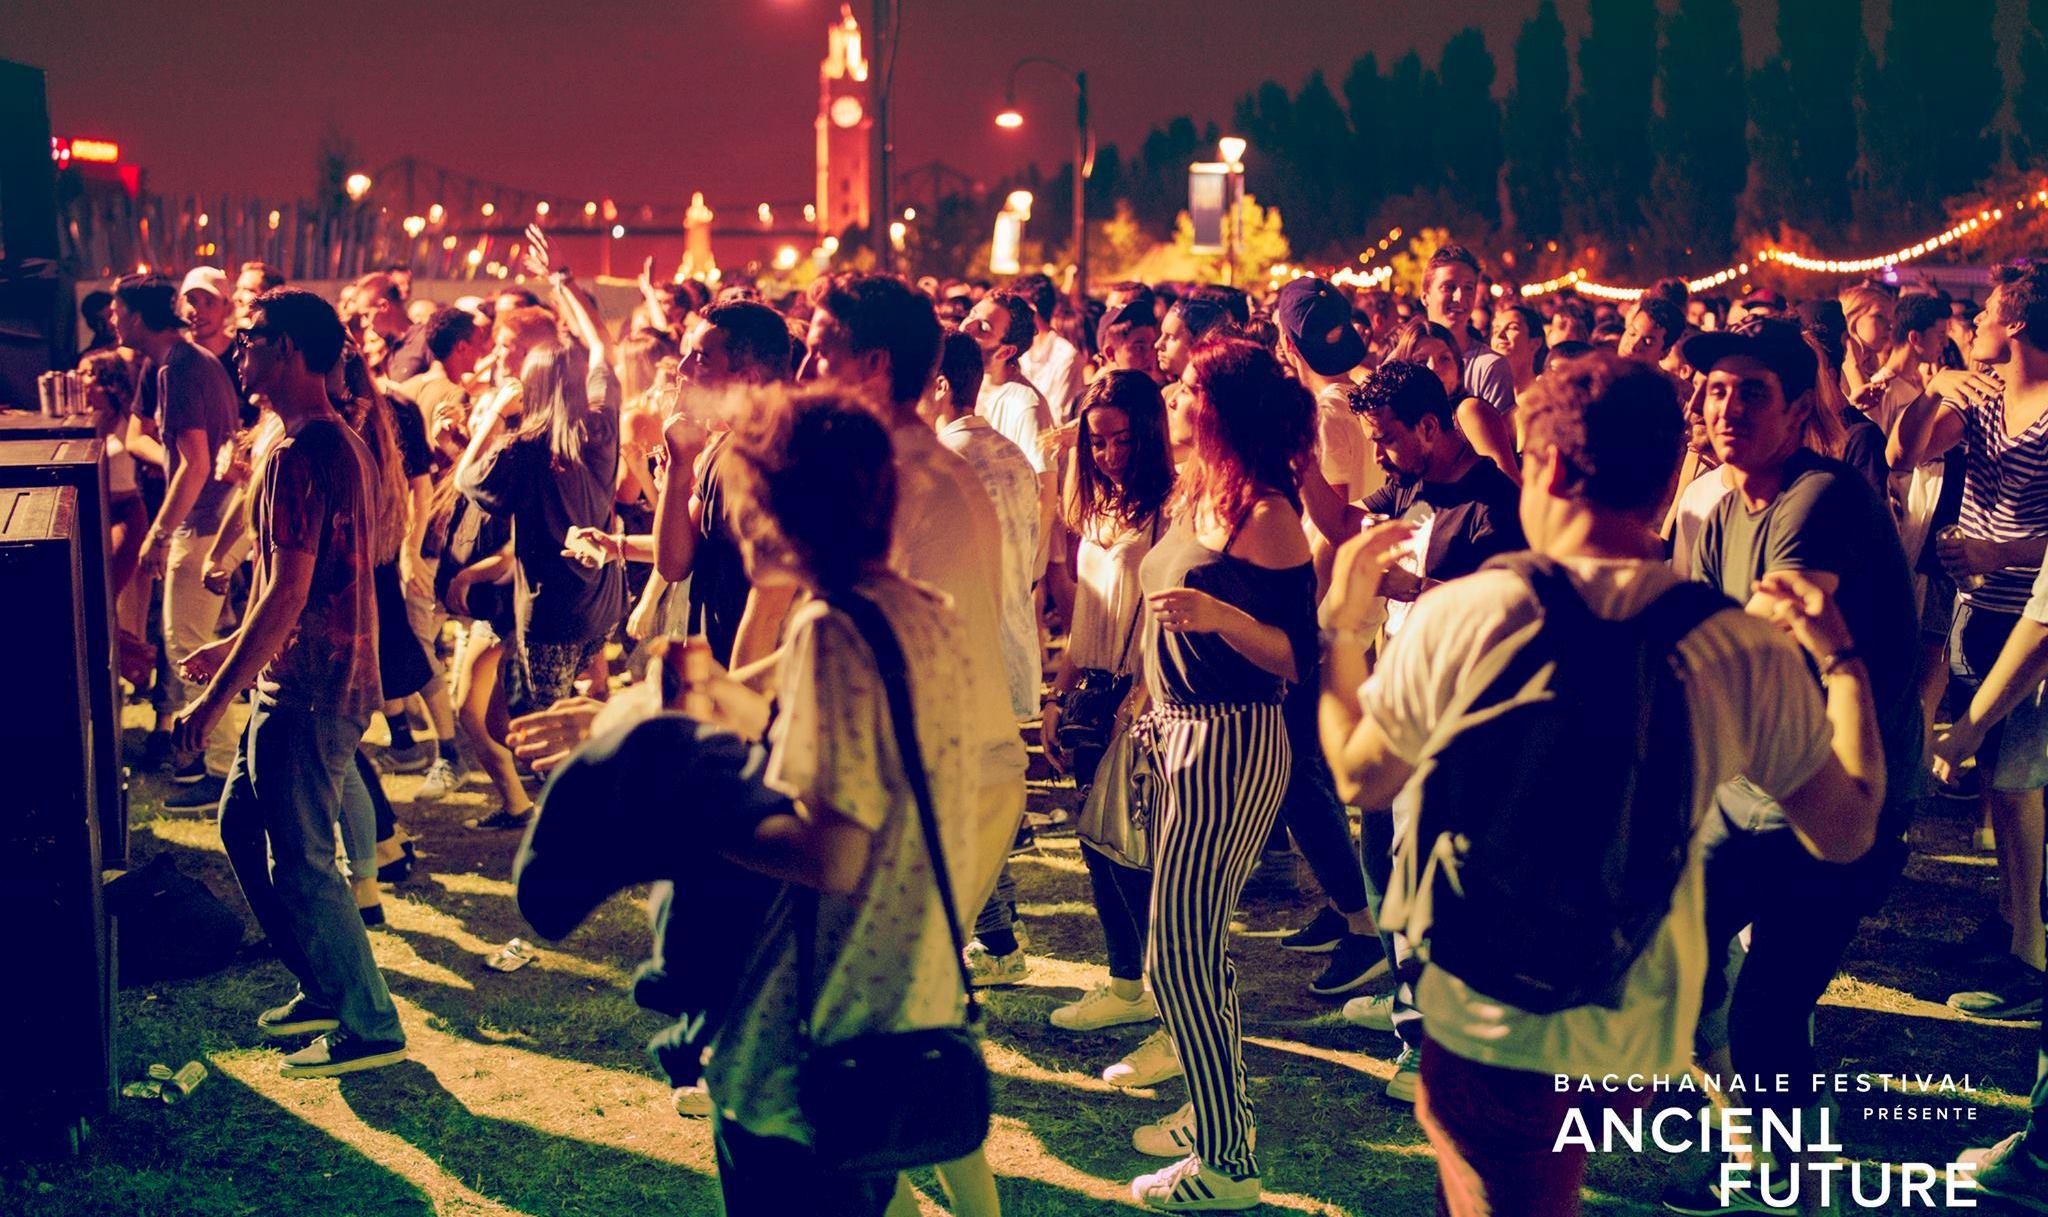 Le Festival Ancient future : une effervescence musicale et artistique